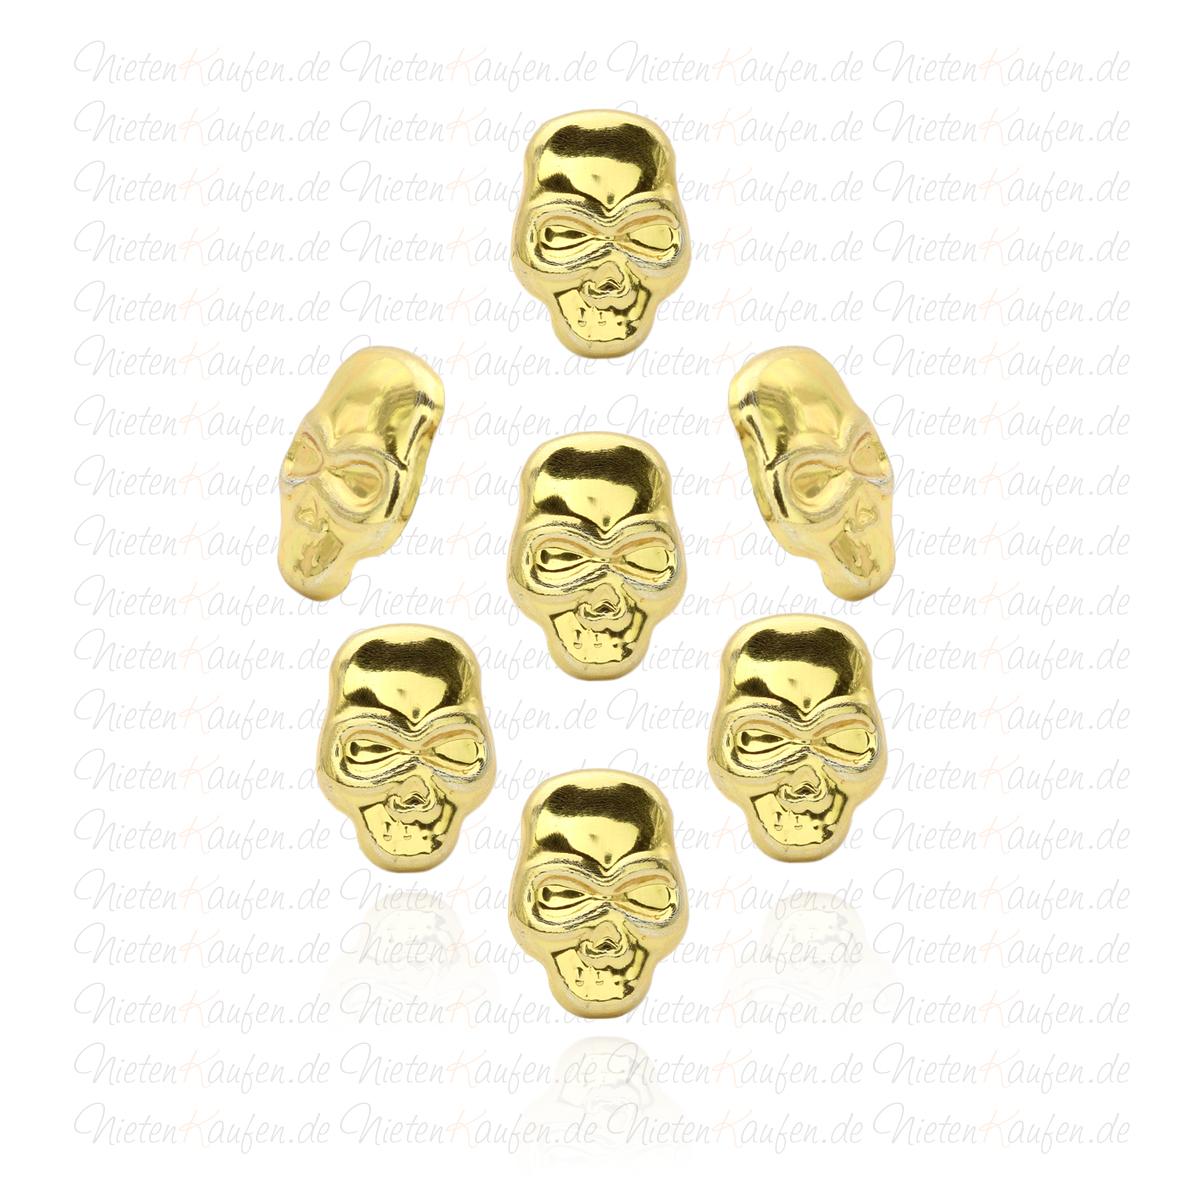 goldene totenkopf nieten zum aufb geln oder aufkleben hotfix spezialnieten zum aufb geln. Black Bedroom Furniture Sets. Home Design Ideas